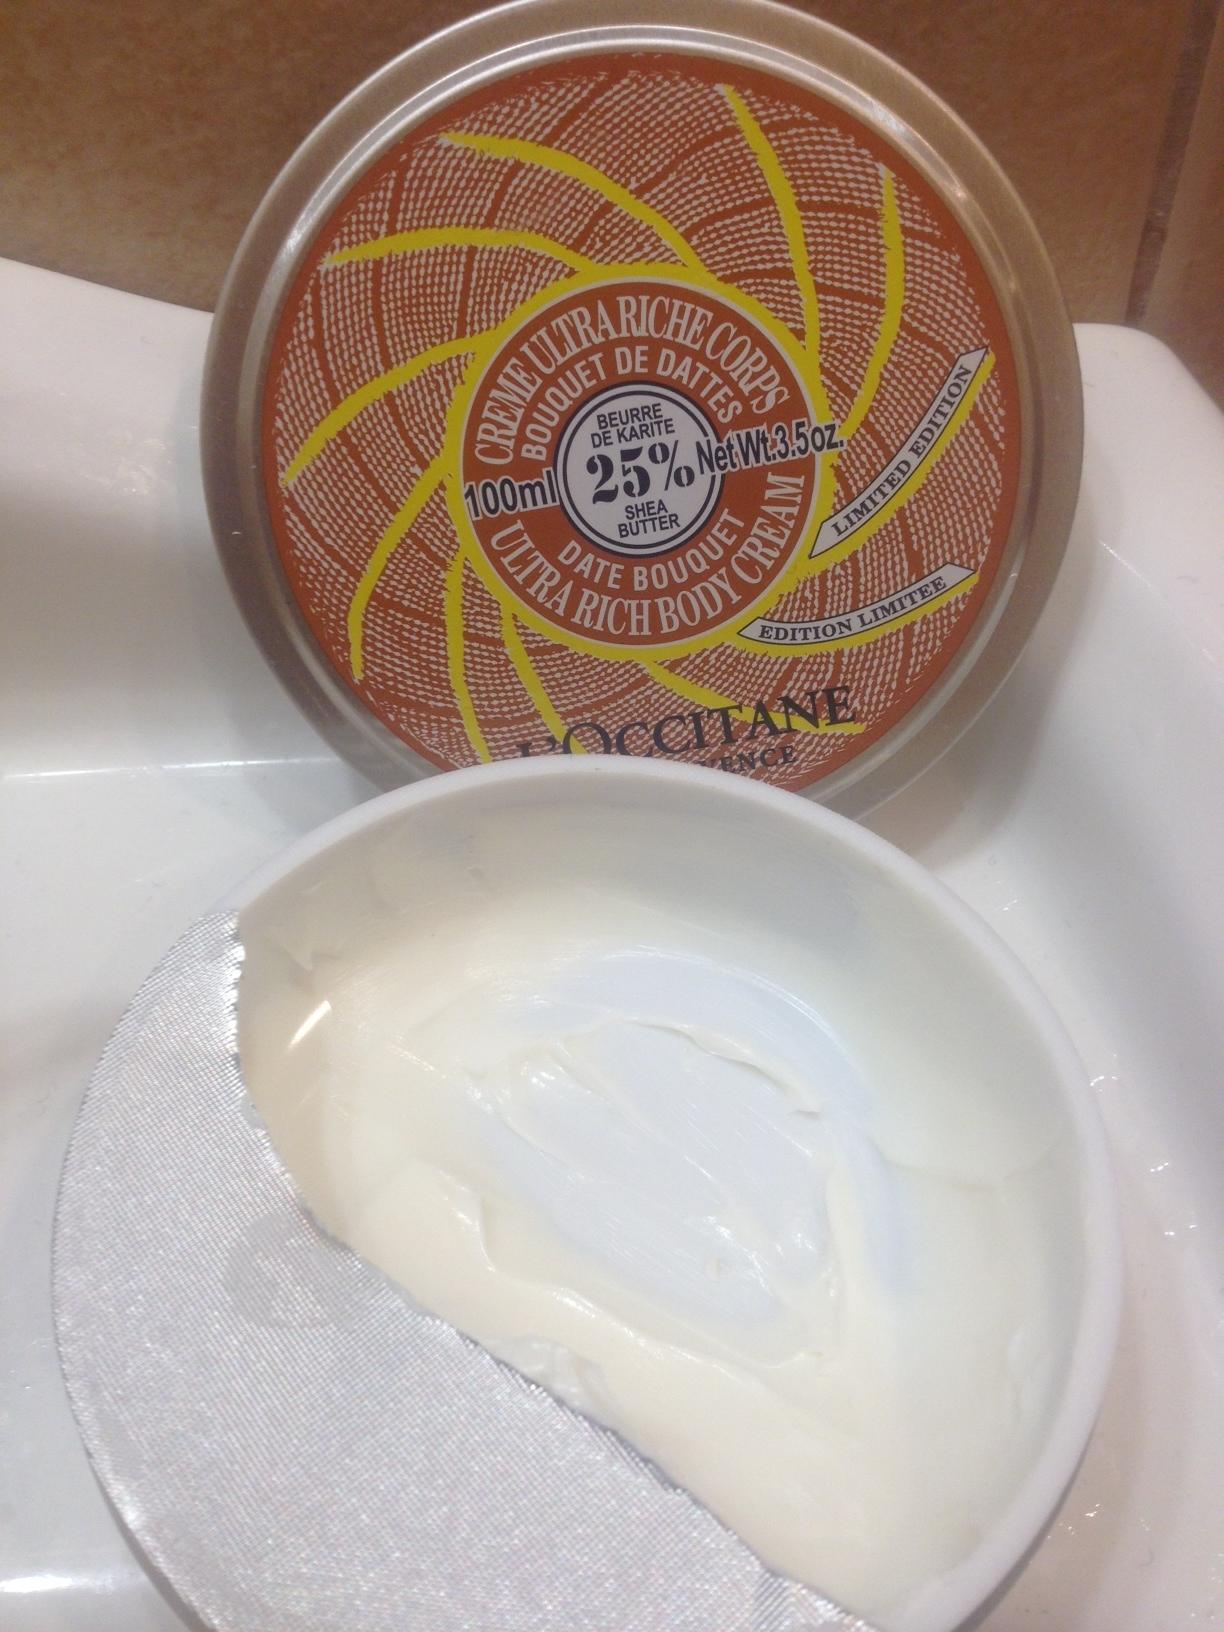 L'Occitane Shea Butter Date Bouquet Ultra Rich Body Cream